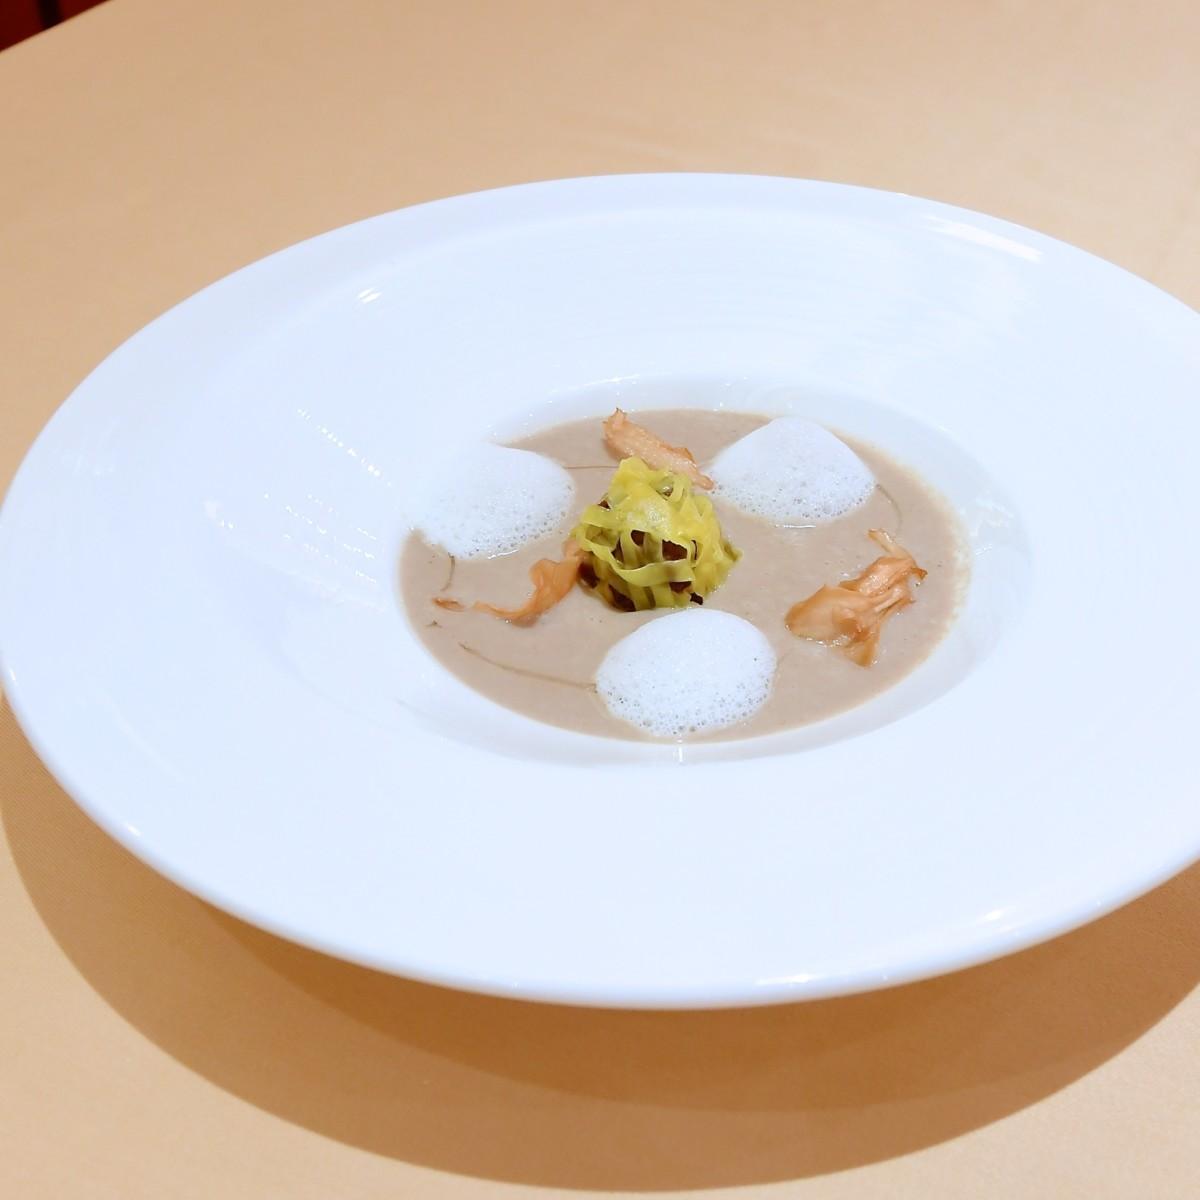 キノコのクリームスープ 牛頬肉のラビオリ仕立てを浮かべて